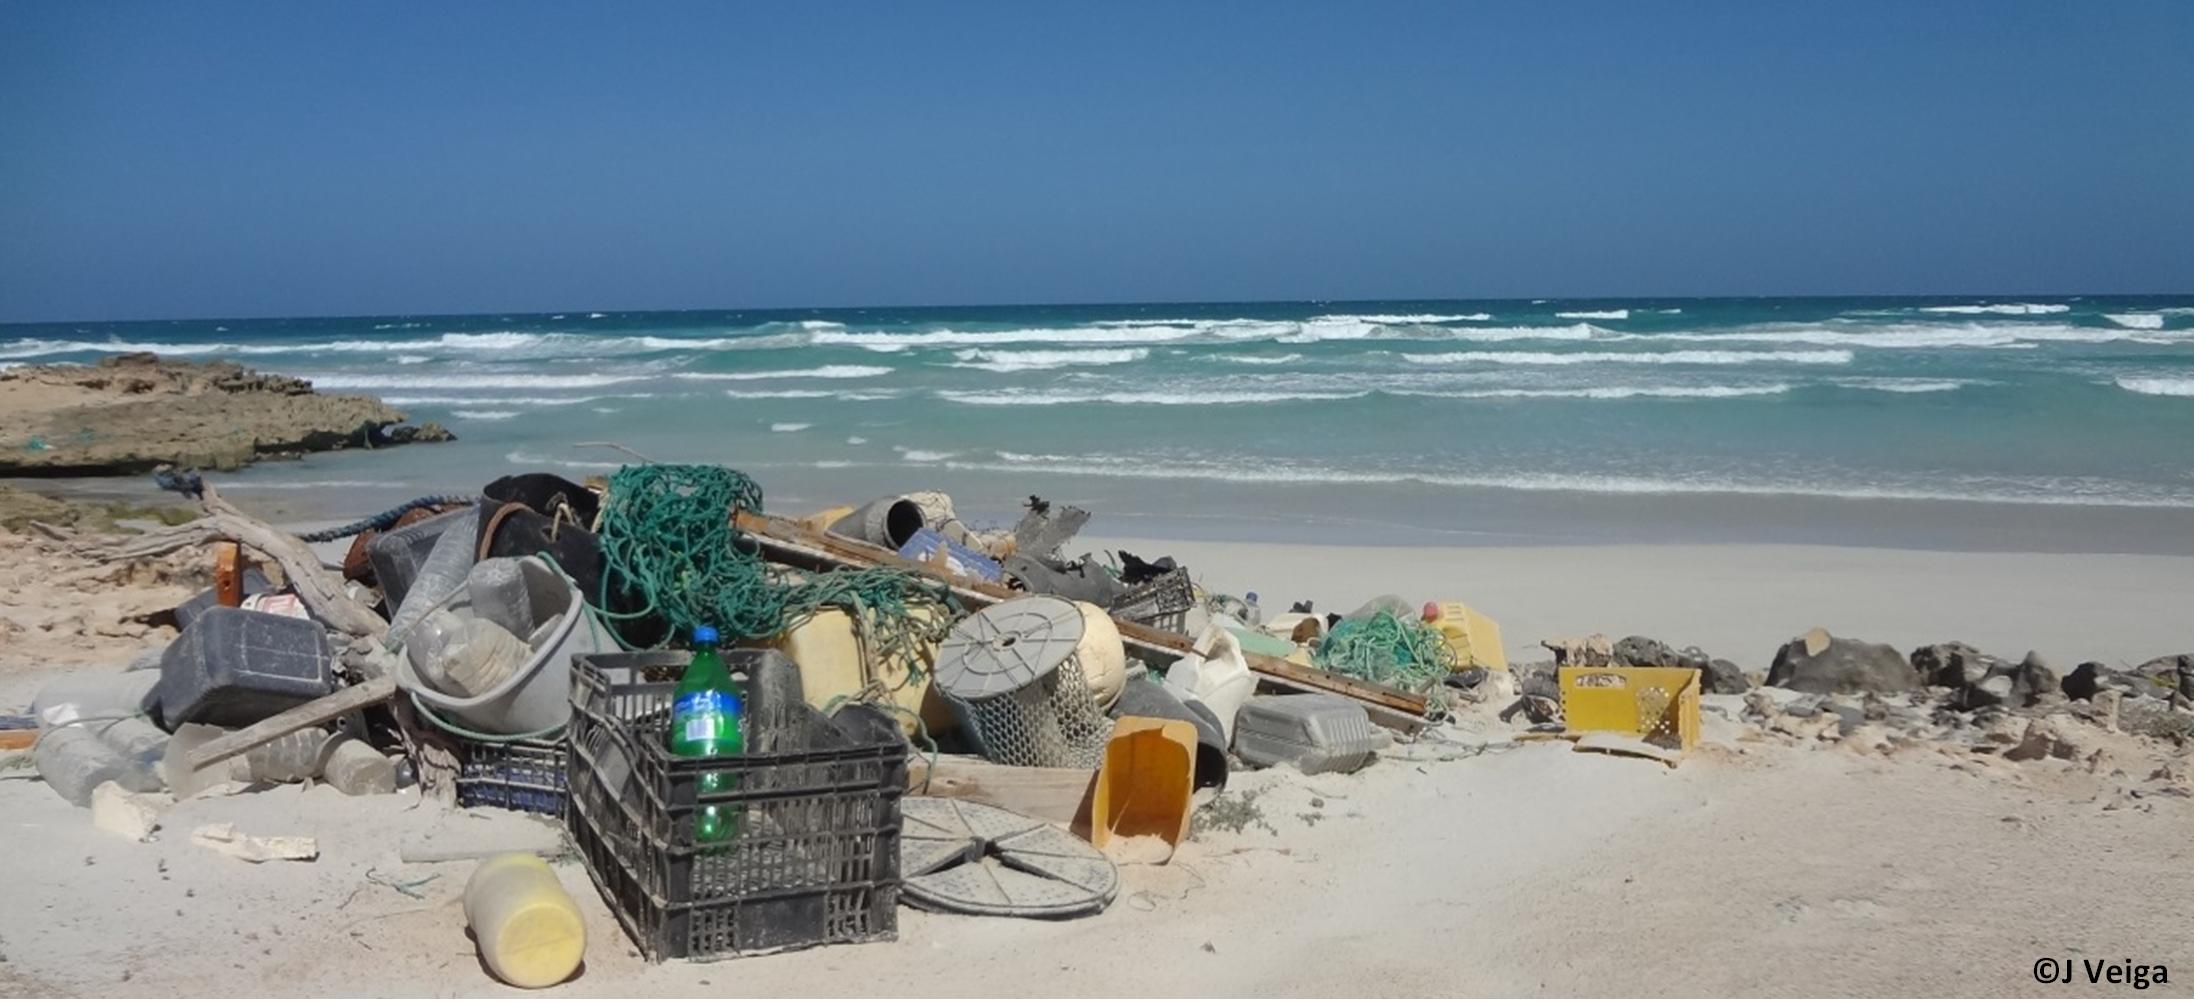 10 millioner tonn plast kastes i havet hvert år. Plastsøppel finnes i alle hav fra ekvator til polene.